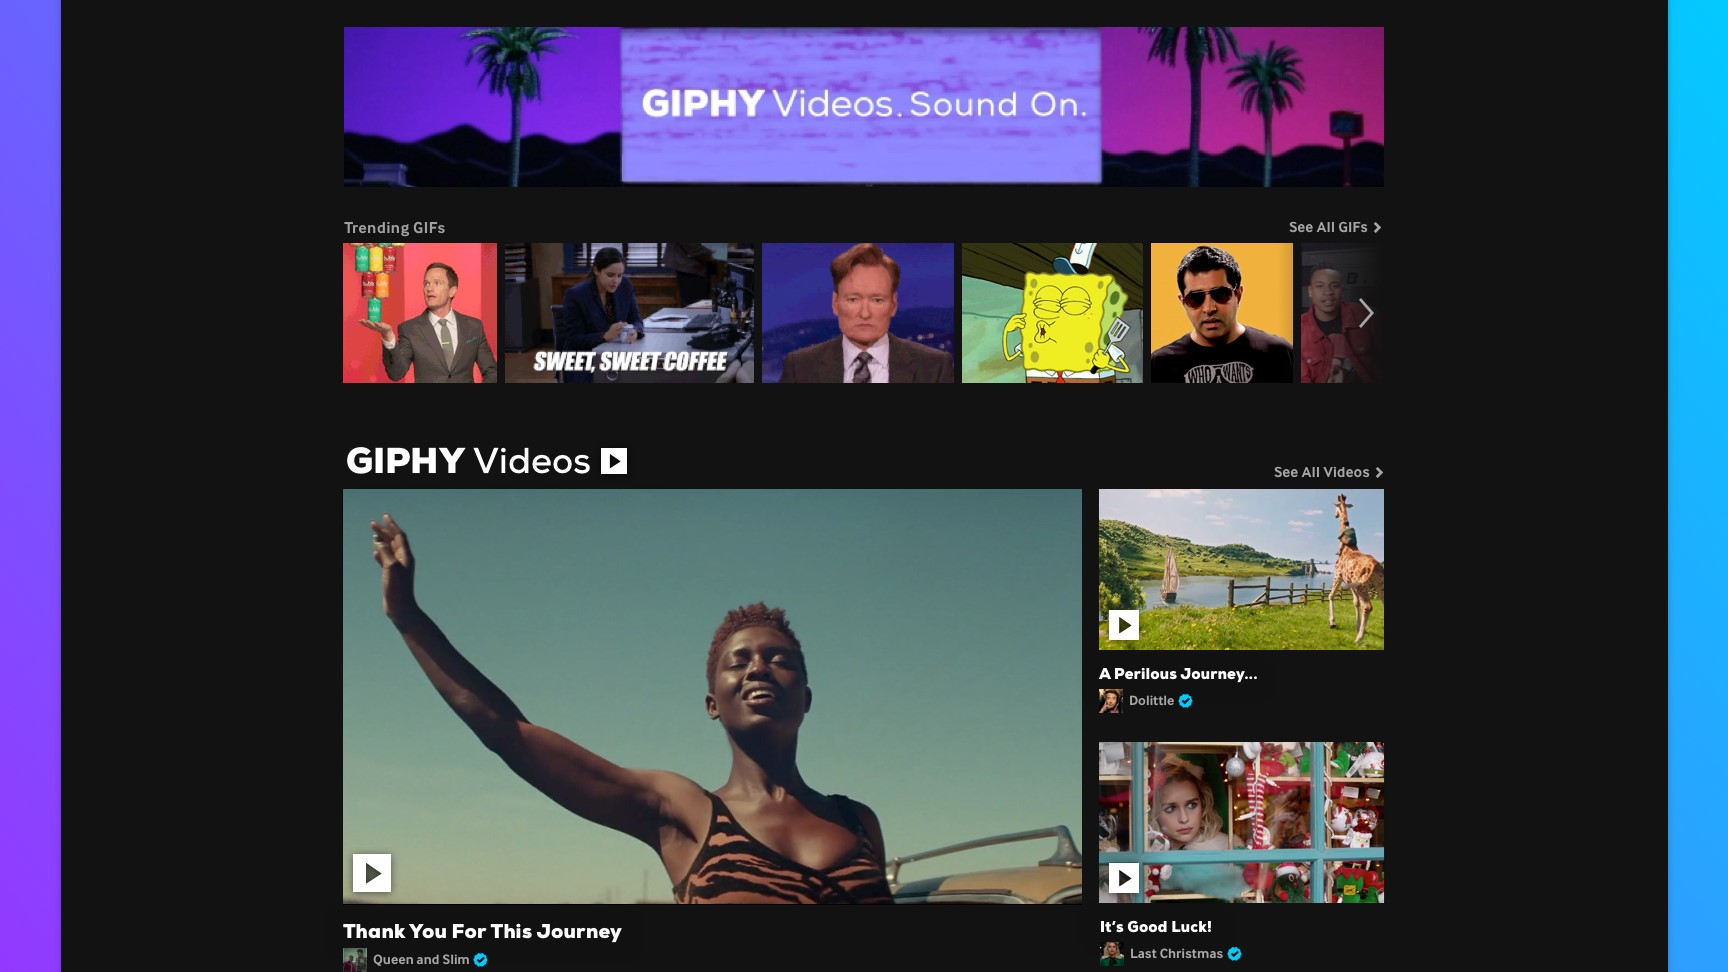 Facebook compra Giphy, la querida plataforma de imágenes animadas